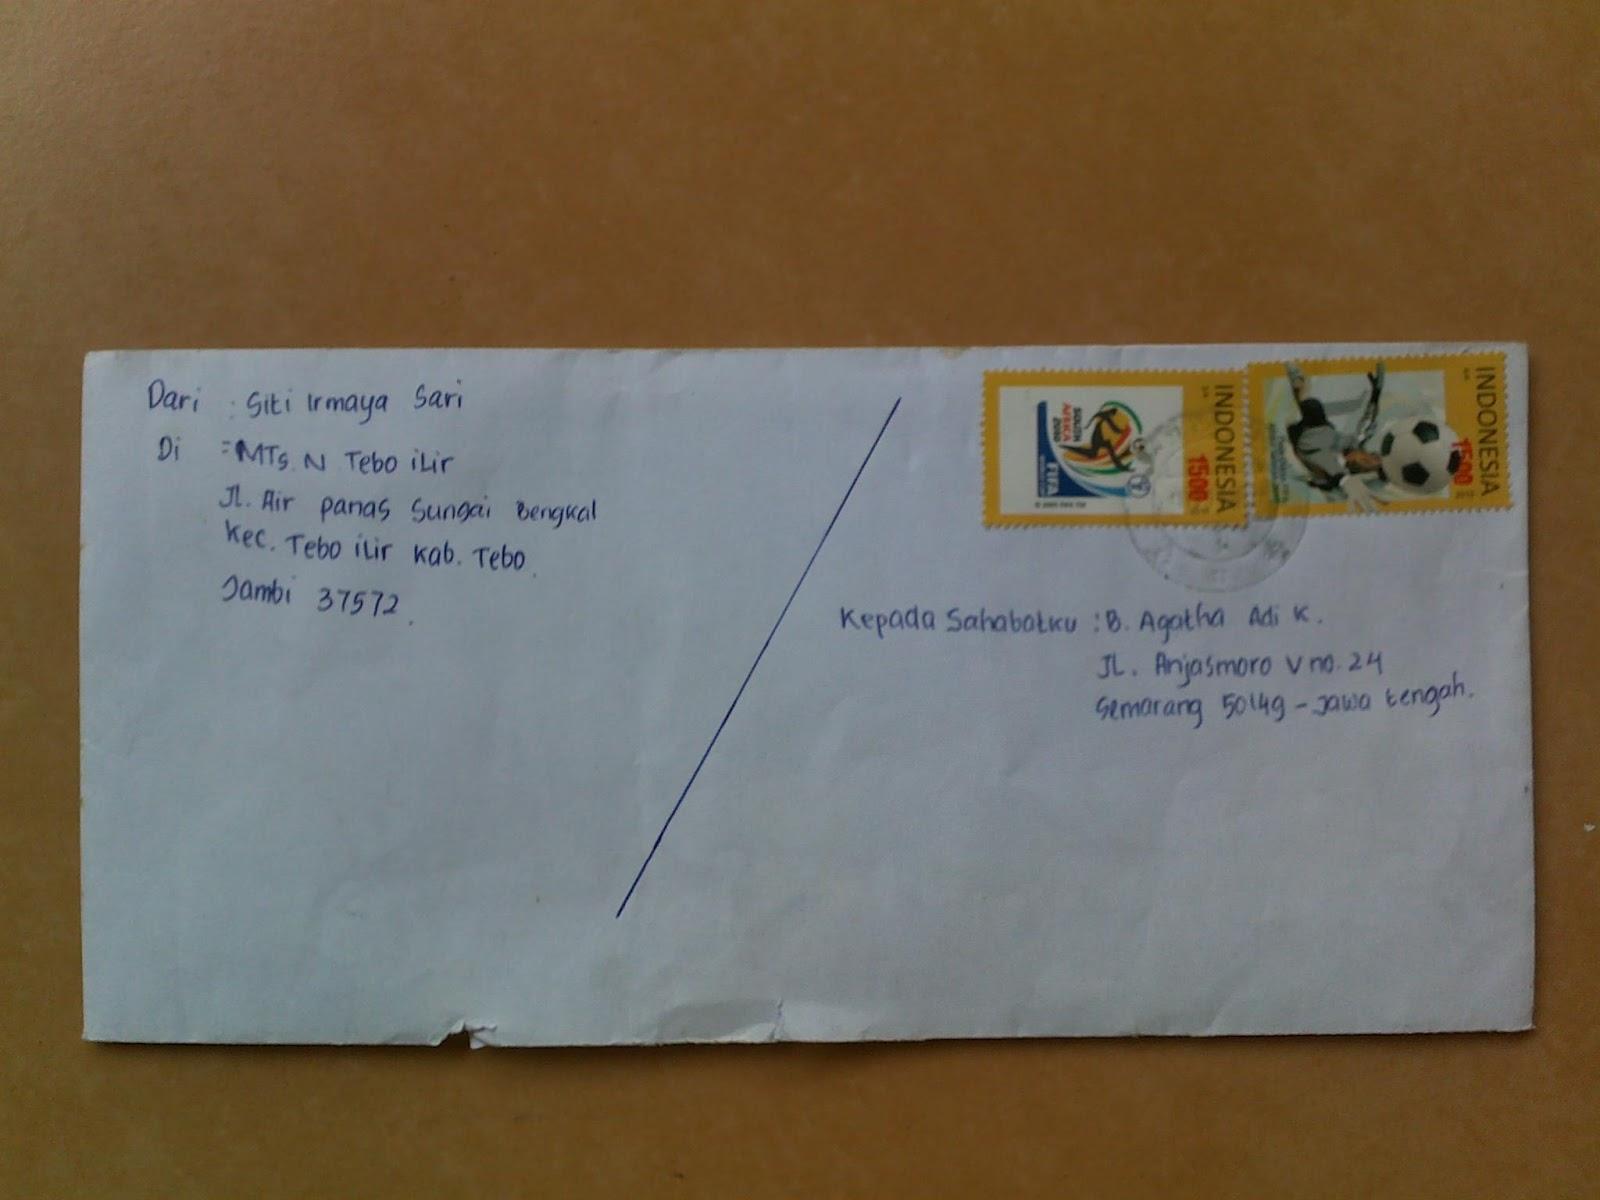 Contoh Surat Ke Sahabat Pena Contoh Surat